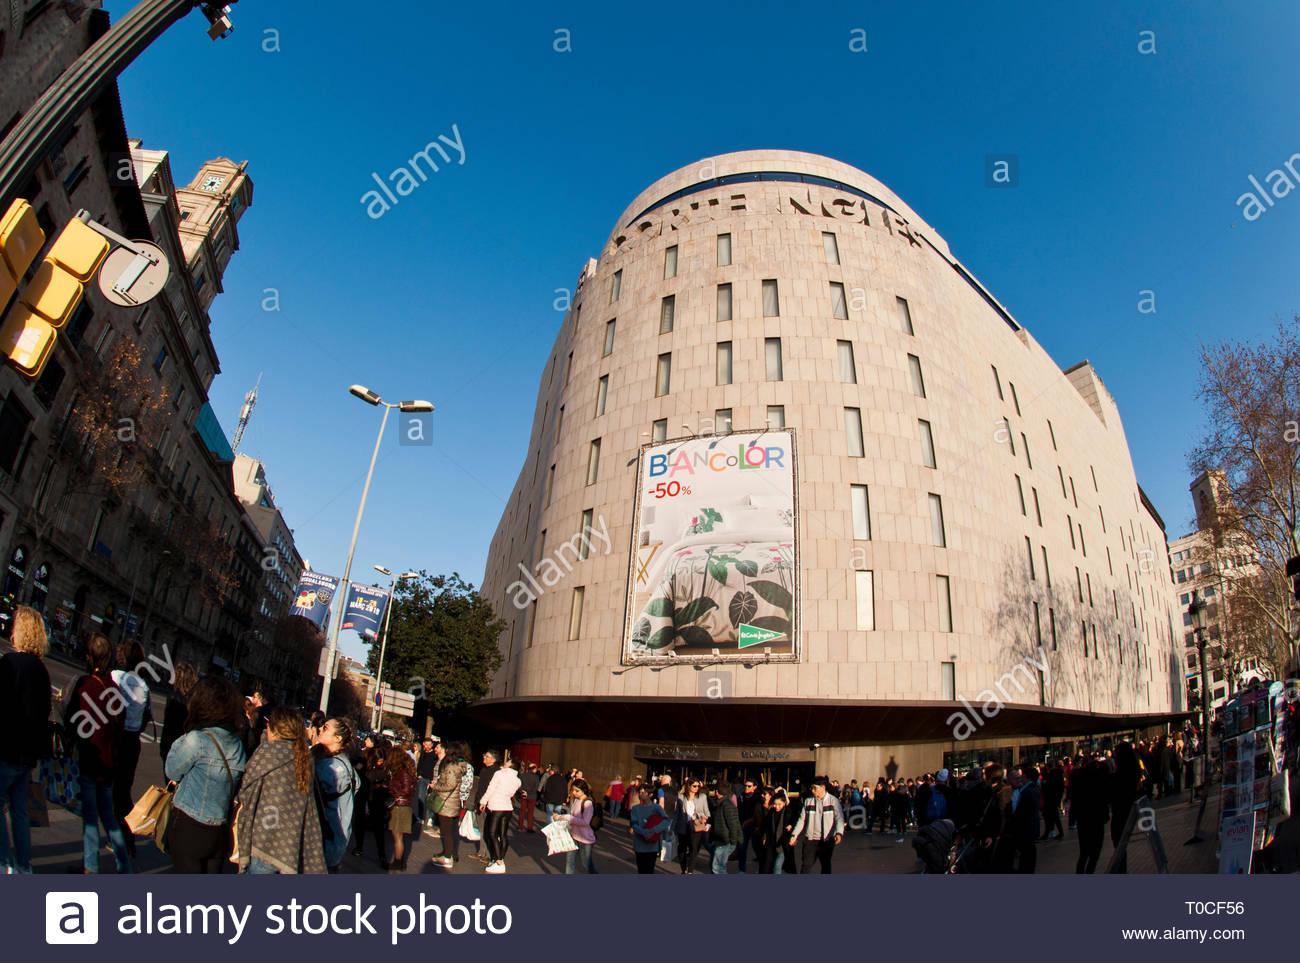 Facade el corte ingles shopping stock photos facade el - El corte ingles plaza cataluna barcelona ...